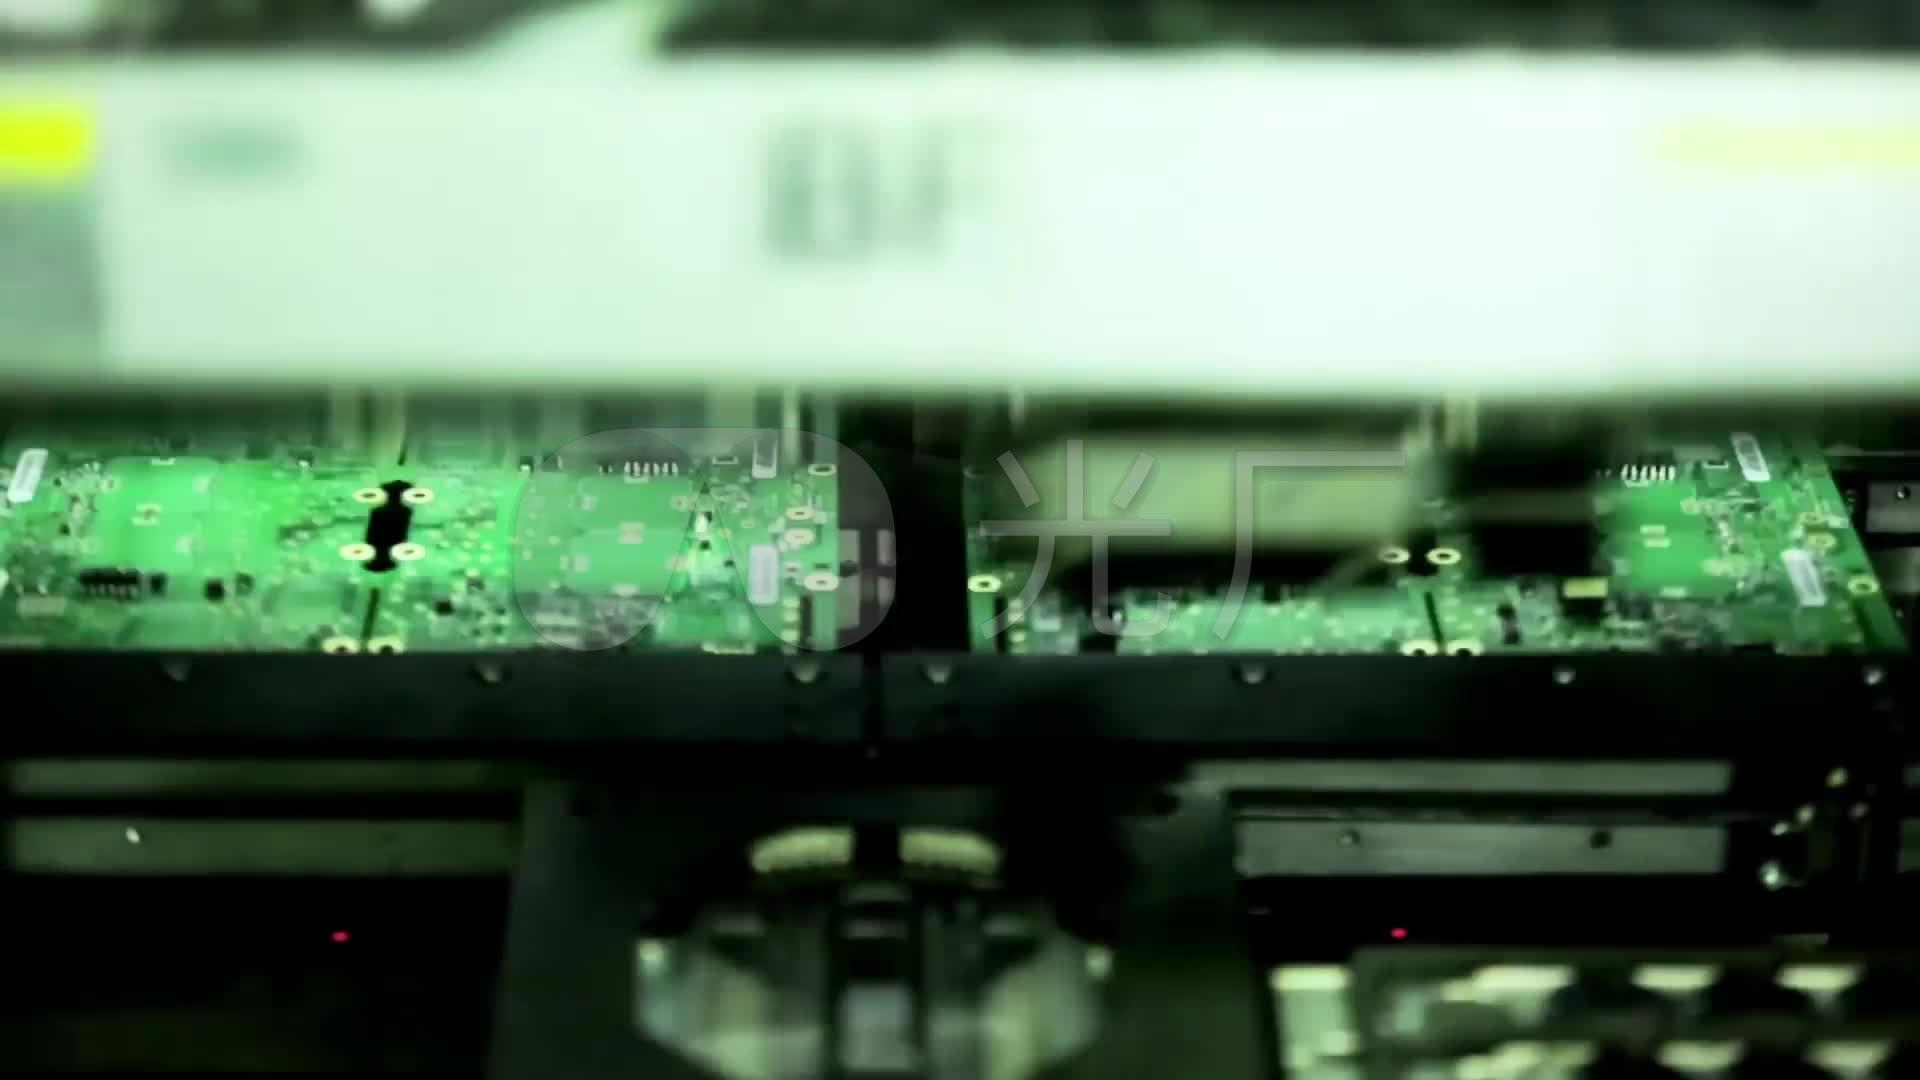 电脑手机电路板芯片研发生产视频_1920x1080_高清视频